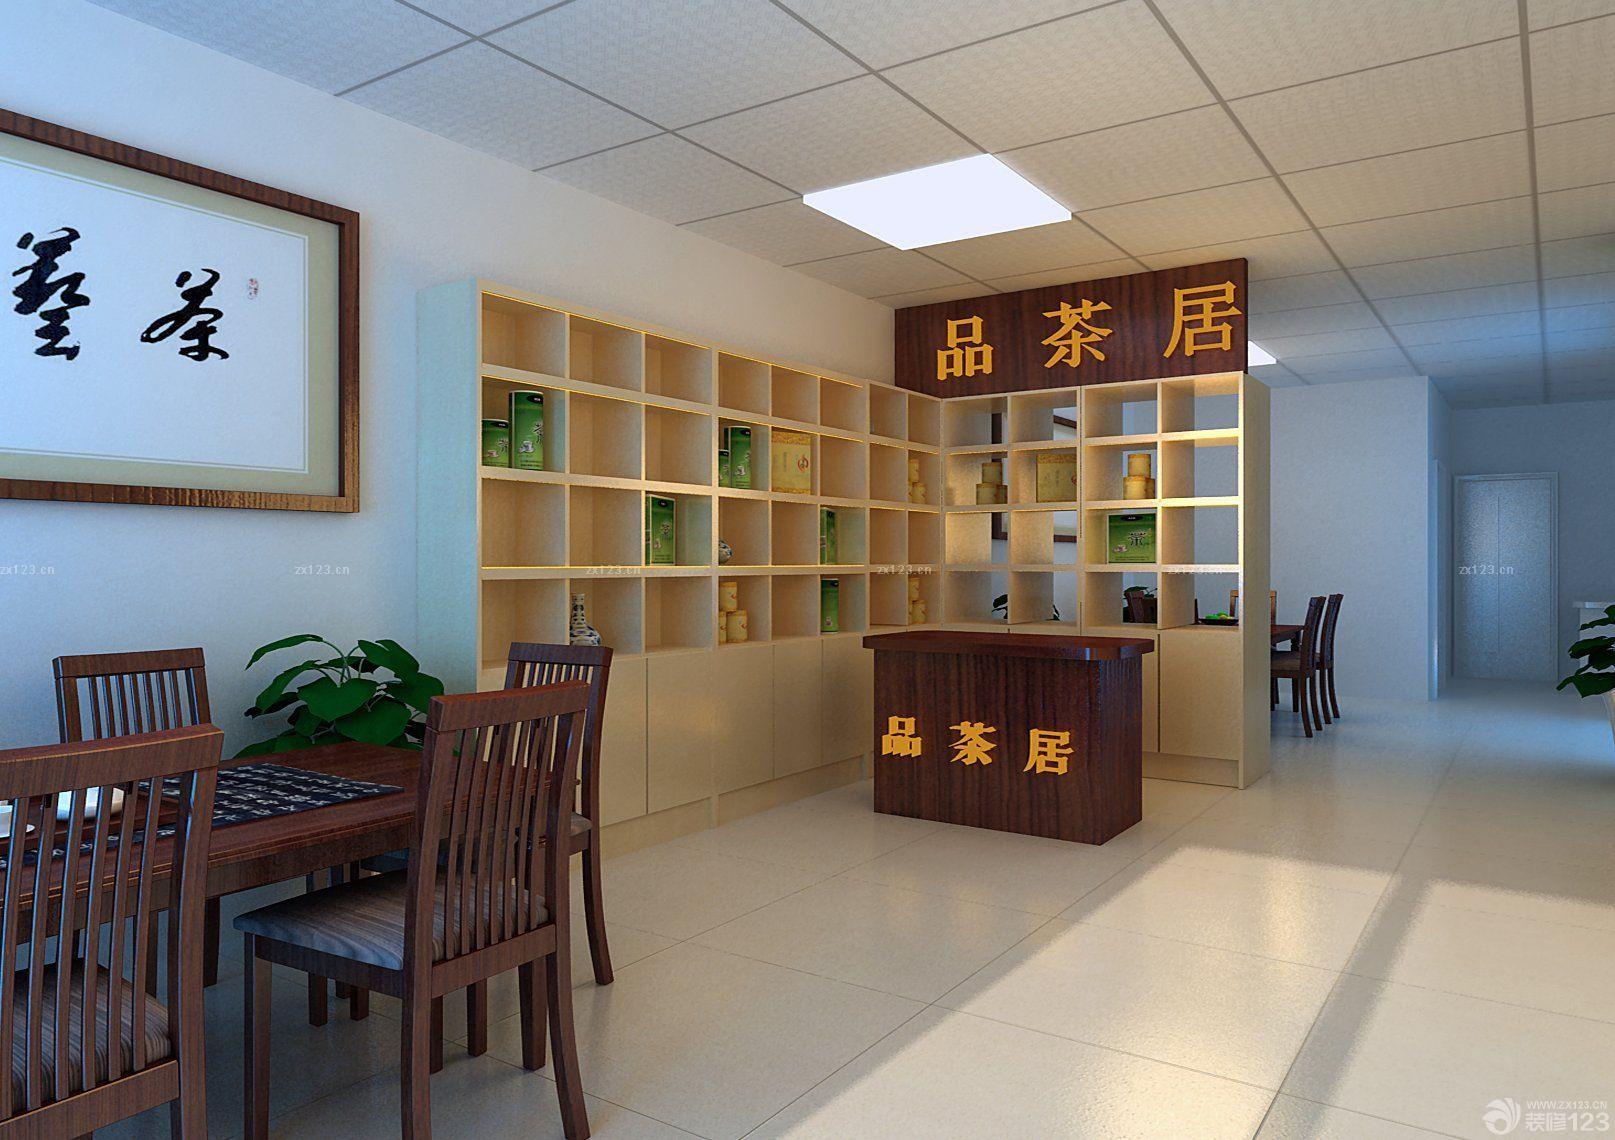 茶叶店面简约室内装修效果图片